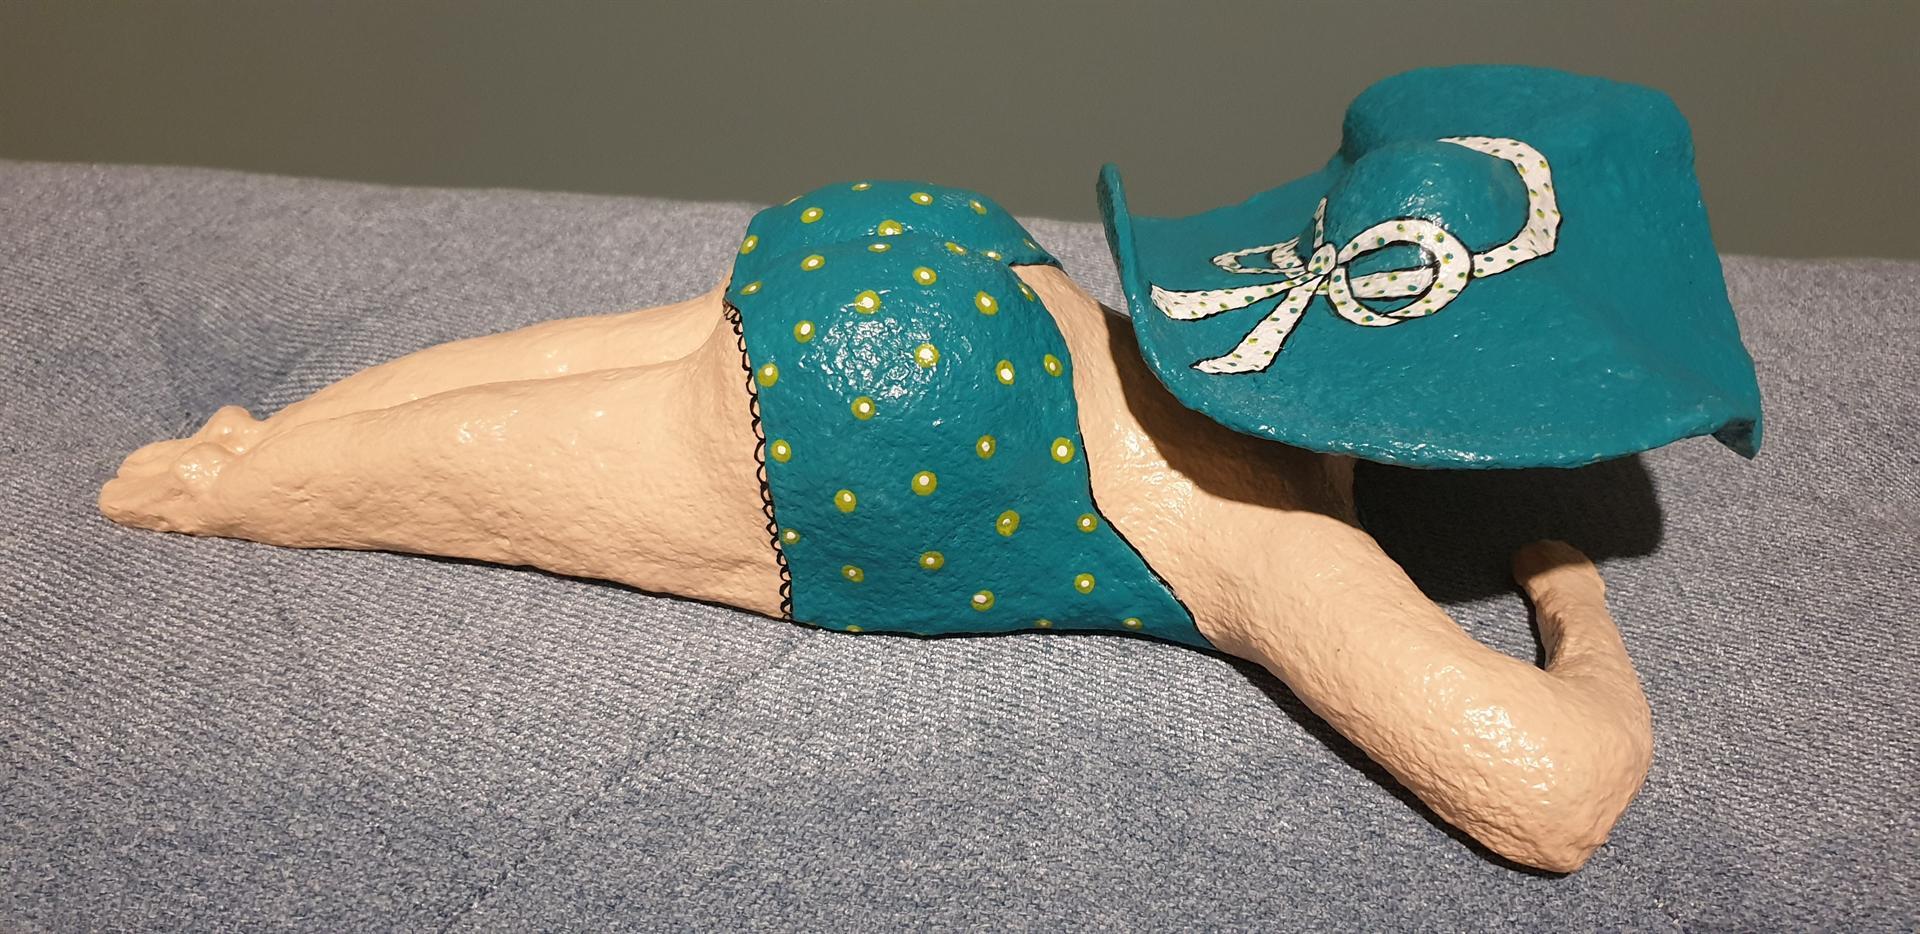 פסל אישה בבגד ים מעיסת נייר של דורית